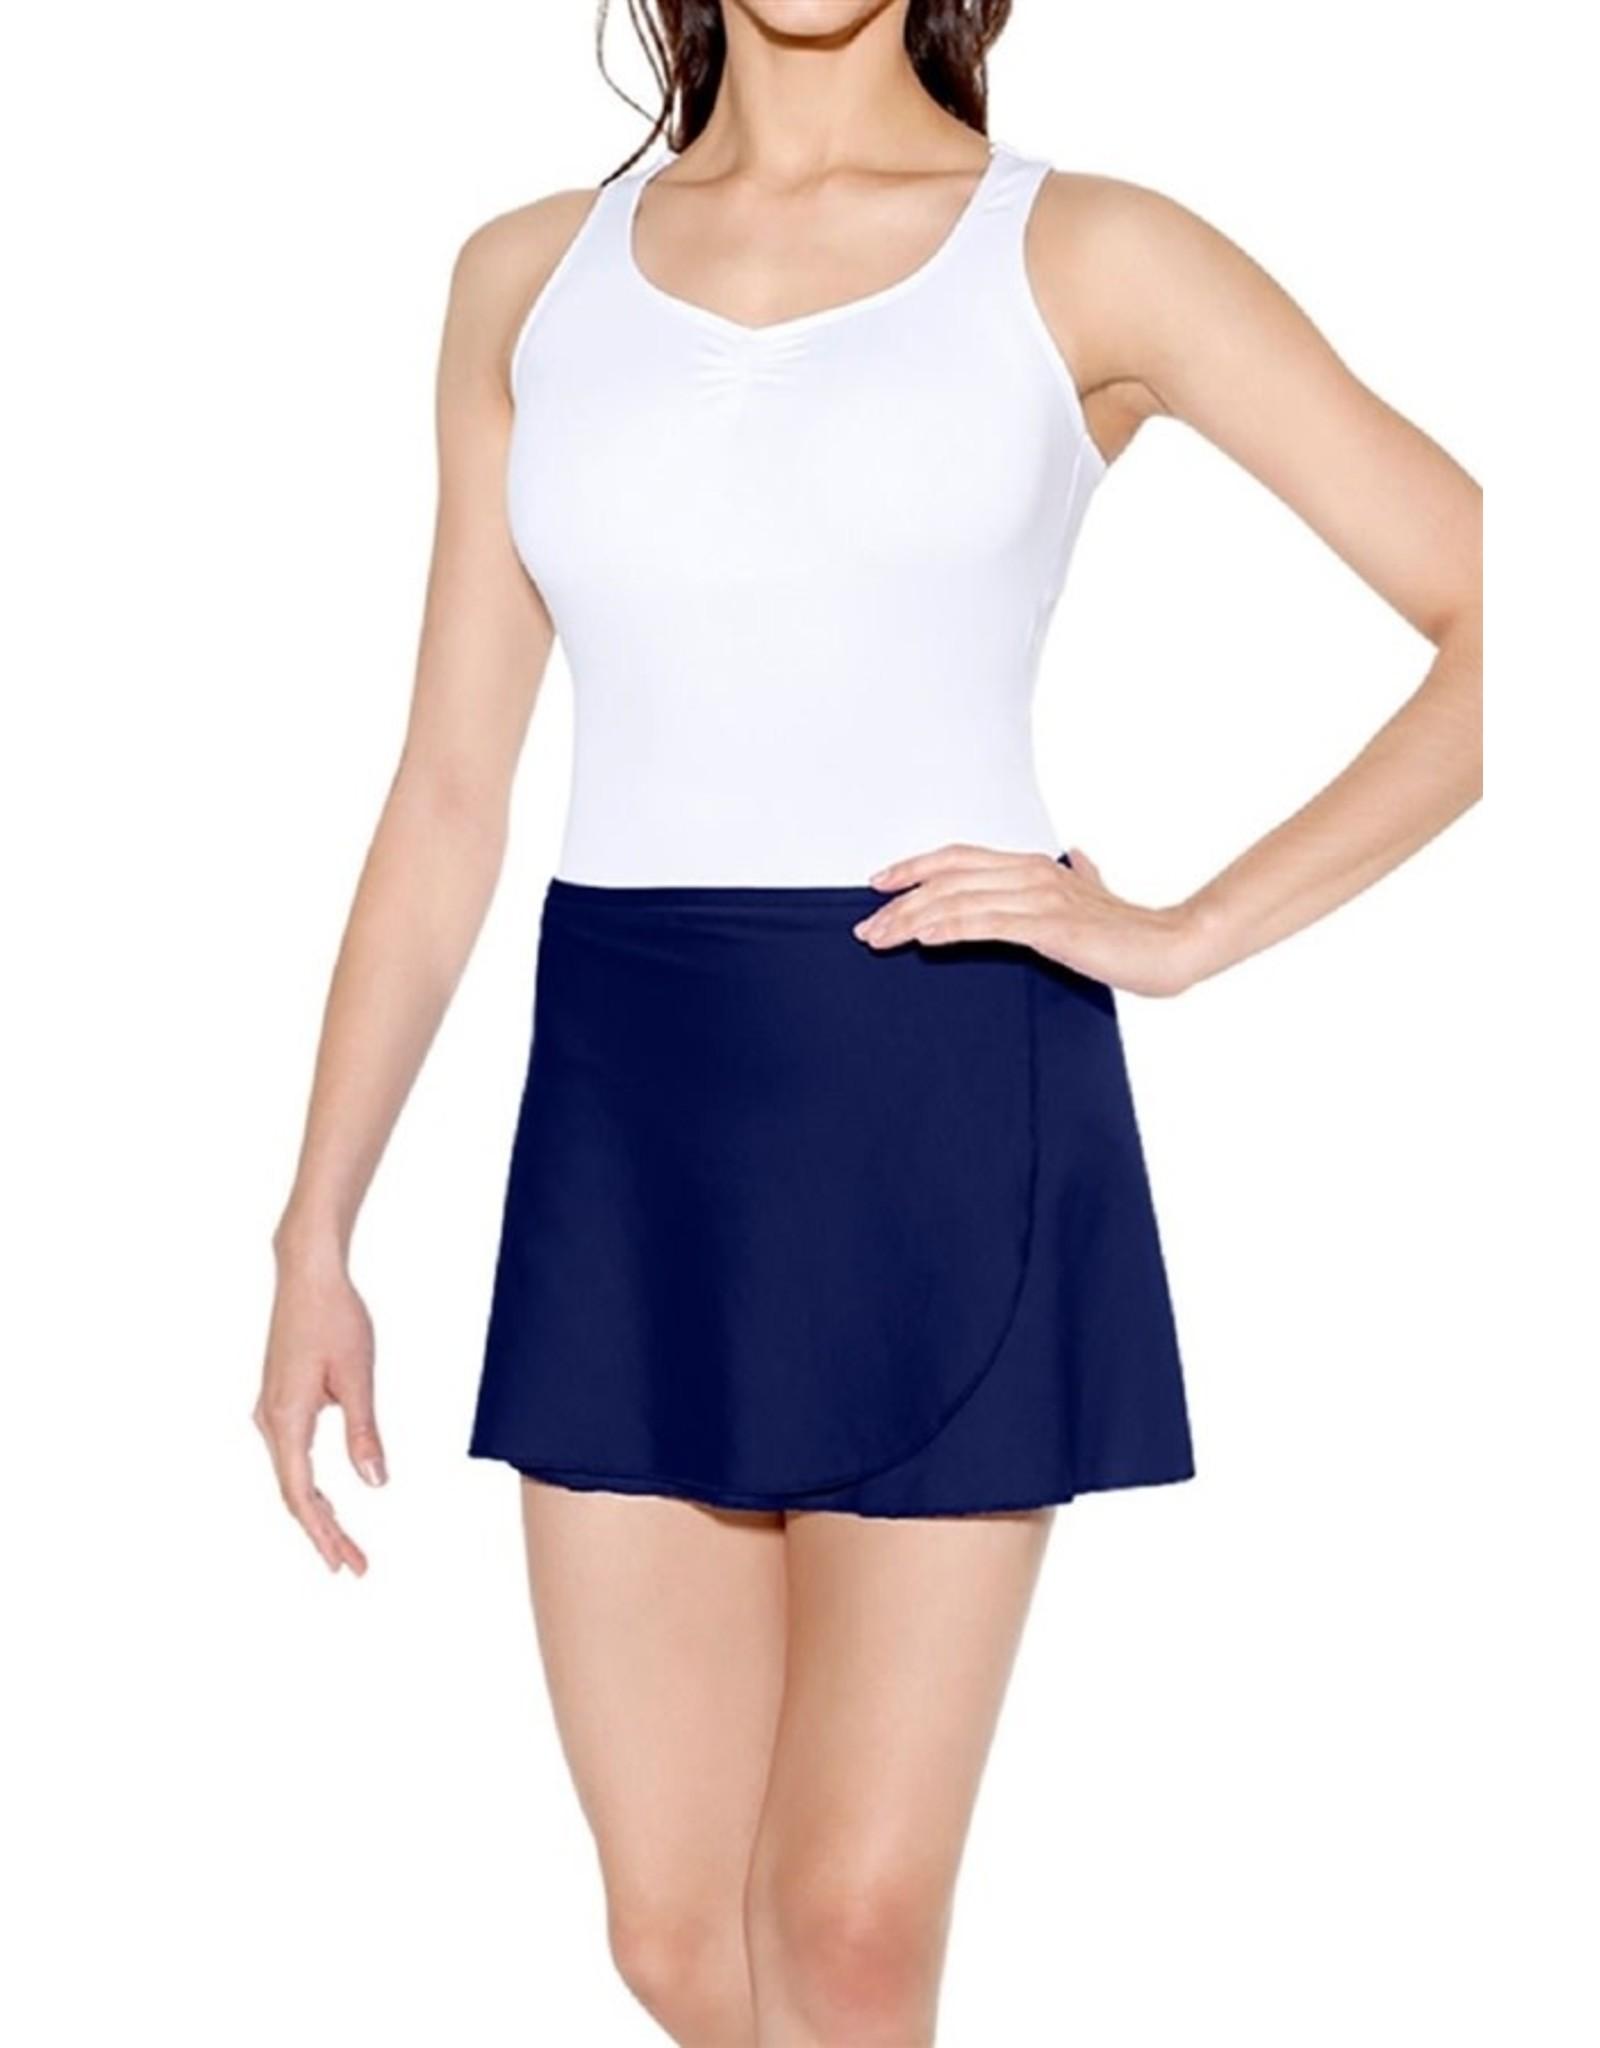 SoDanca SoDanca Adult Wrap Skirt w/ tie spandex